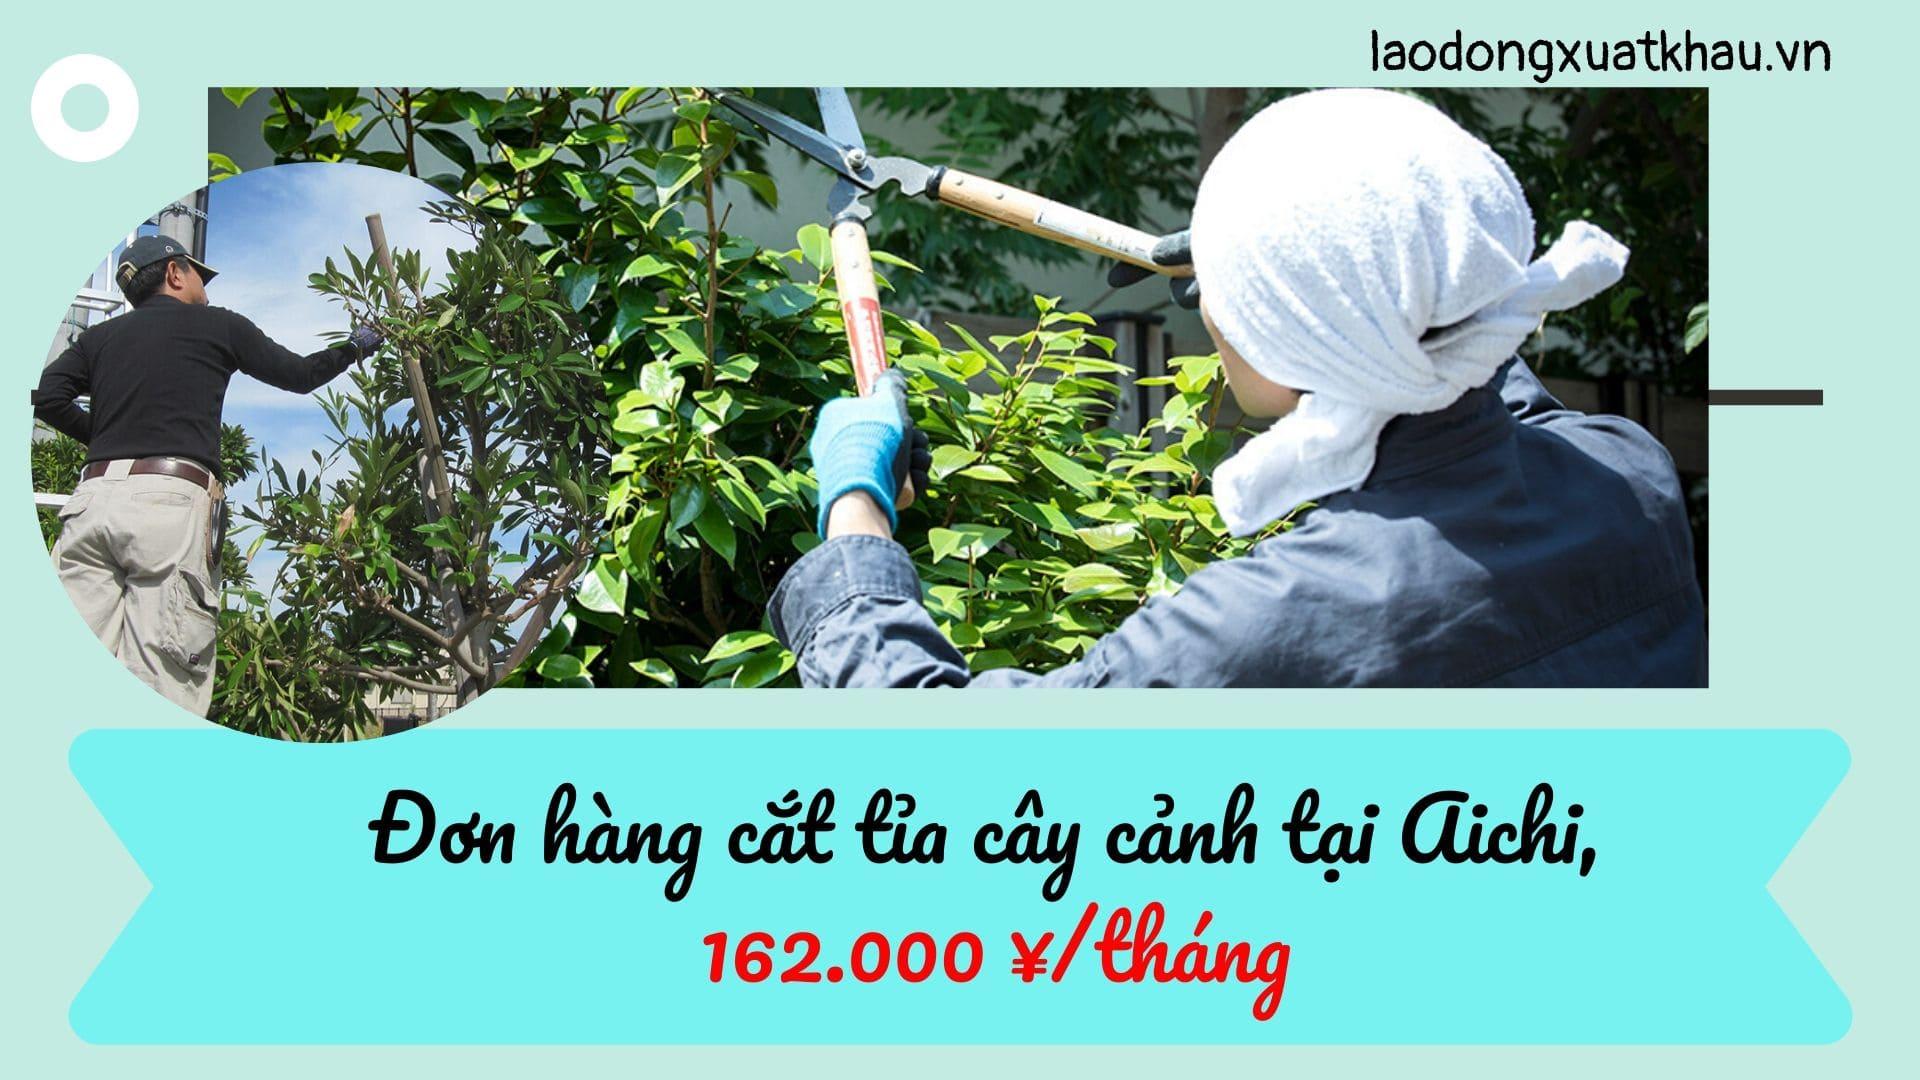 Đơn hàng cắt tỉa cây cảnh tại Aichi lương khủng lên đến 162.000 yên/tháng